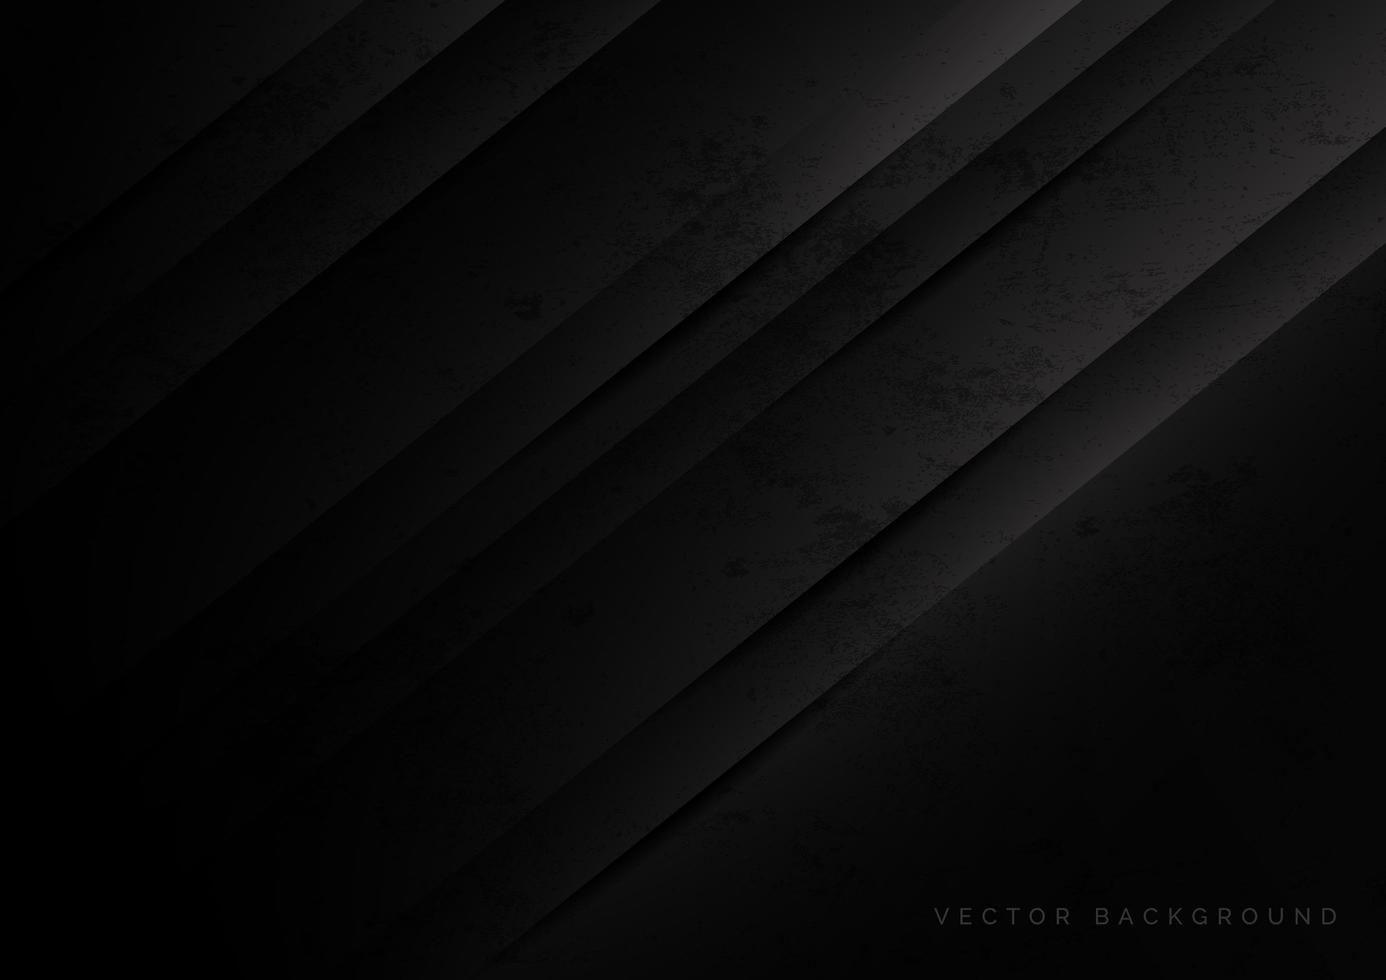 Fondo diagonal de rayas geométricas degradado negro de forma moderna abstracta con textura grunge. vector